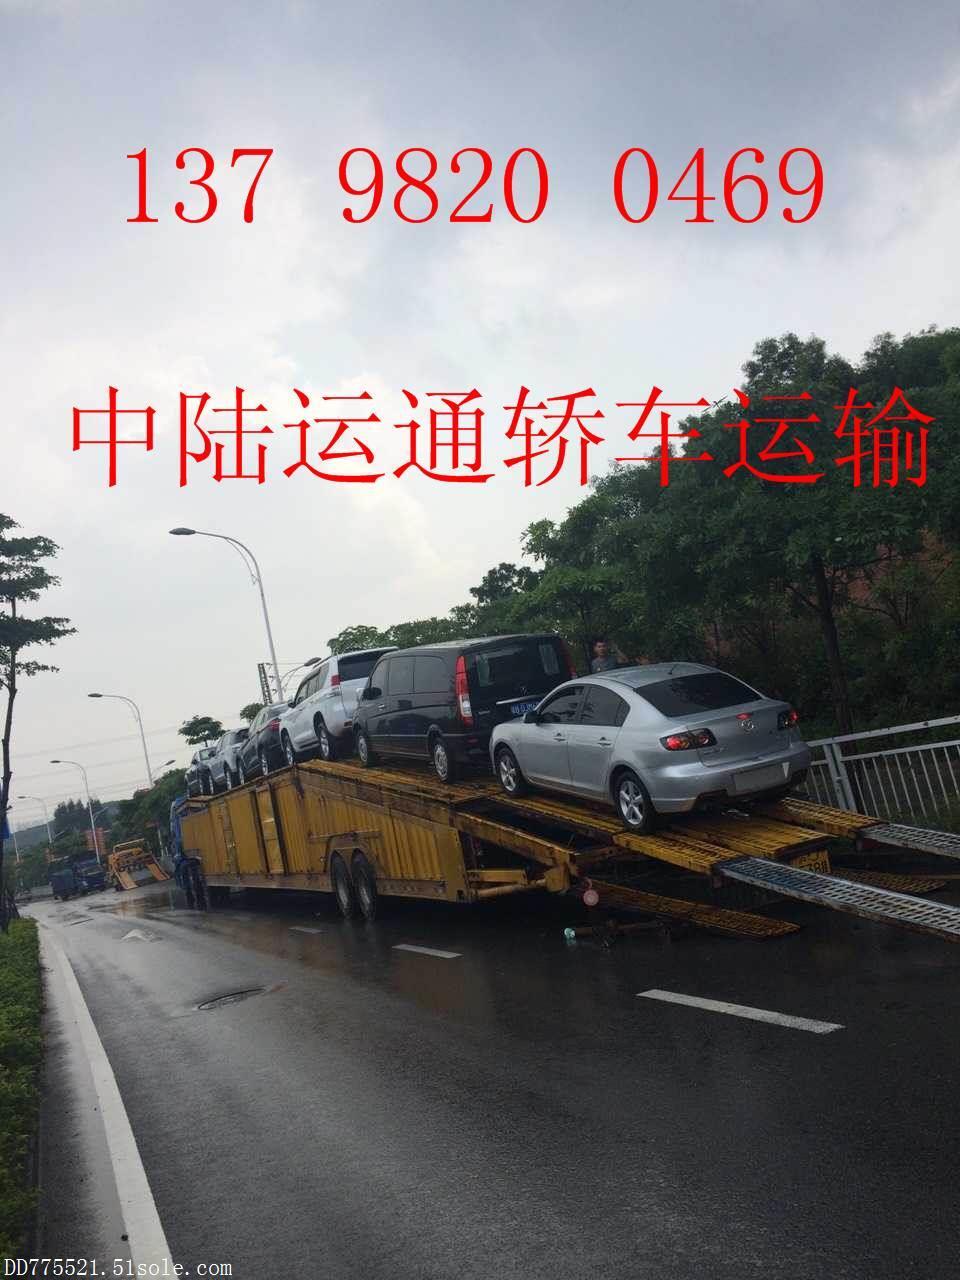 深圳到西宁城东区托运一辆轿车,多少钱